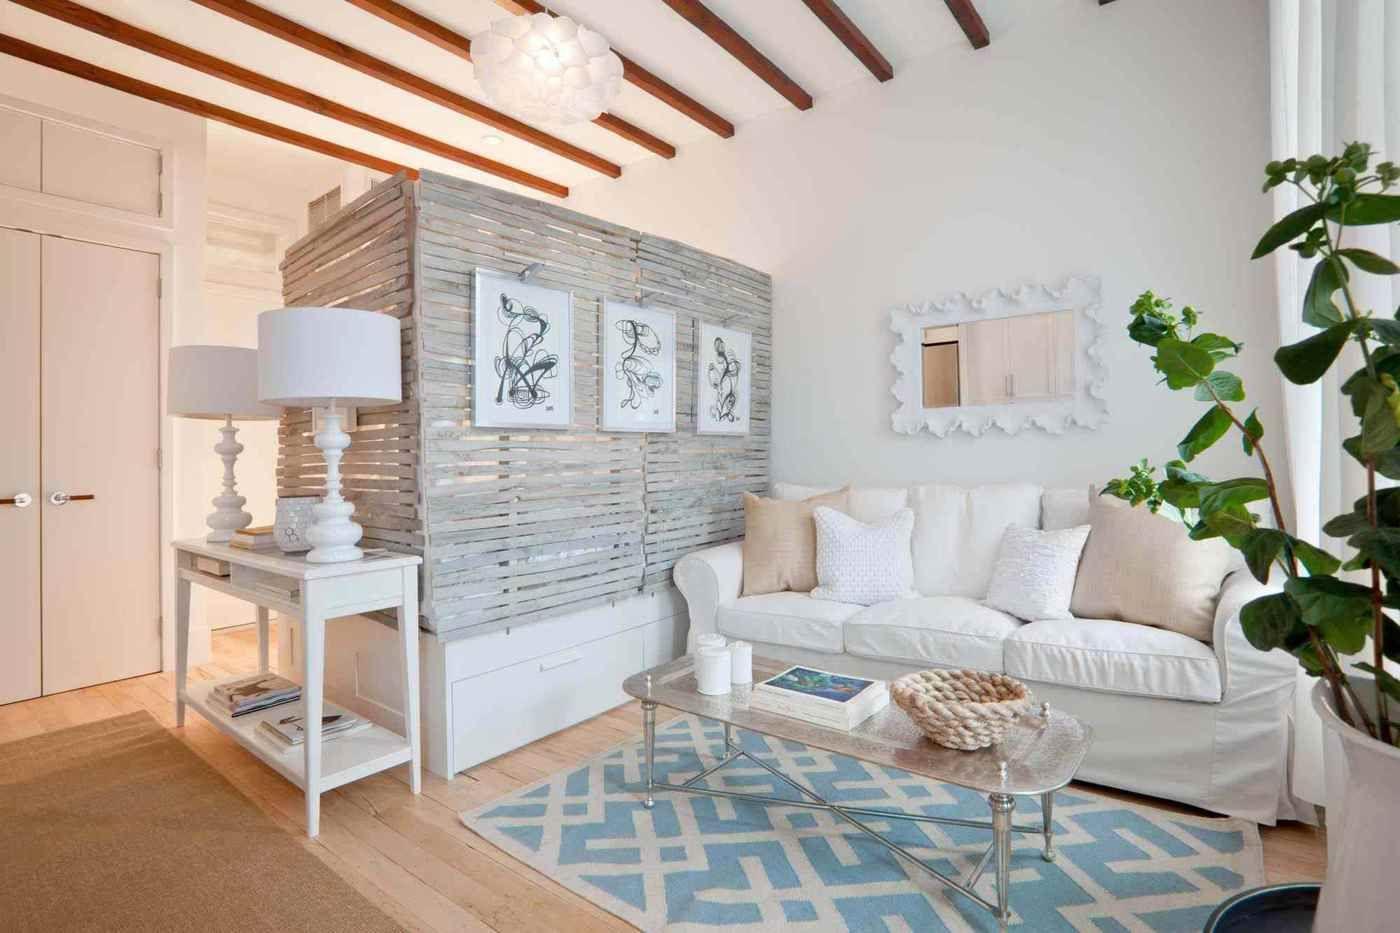 Einrichtungsbeispiele Fur Wohn Und Schlafzimmer In Einzimmerwohnungen Wohnung Einrichten Und Wohnen Wohnzimmer Wohn Schlafzimmer